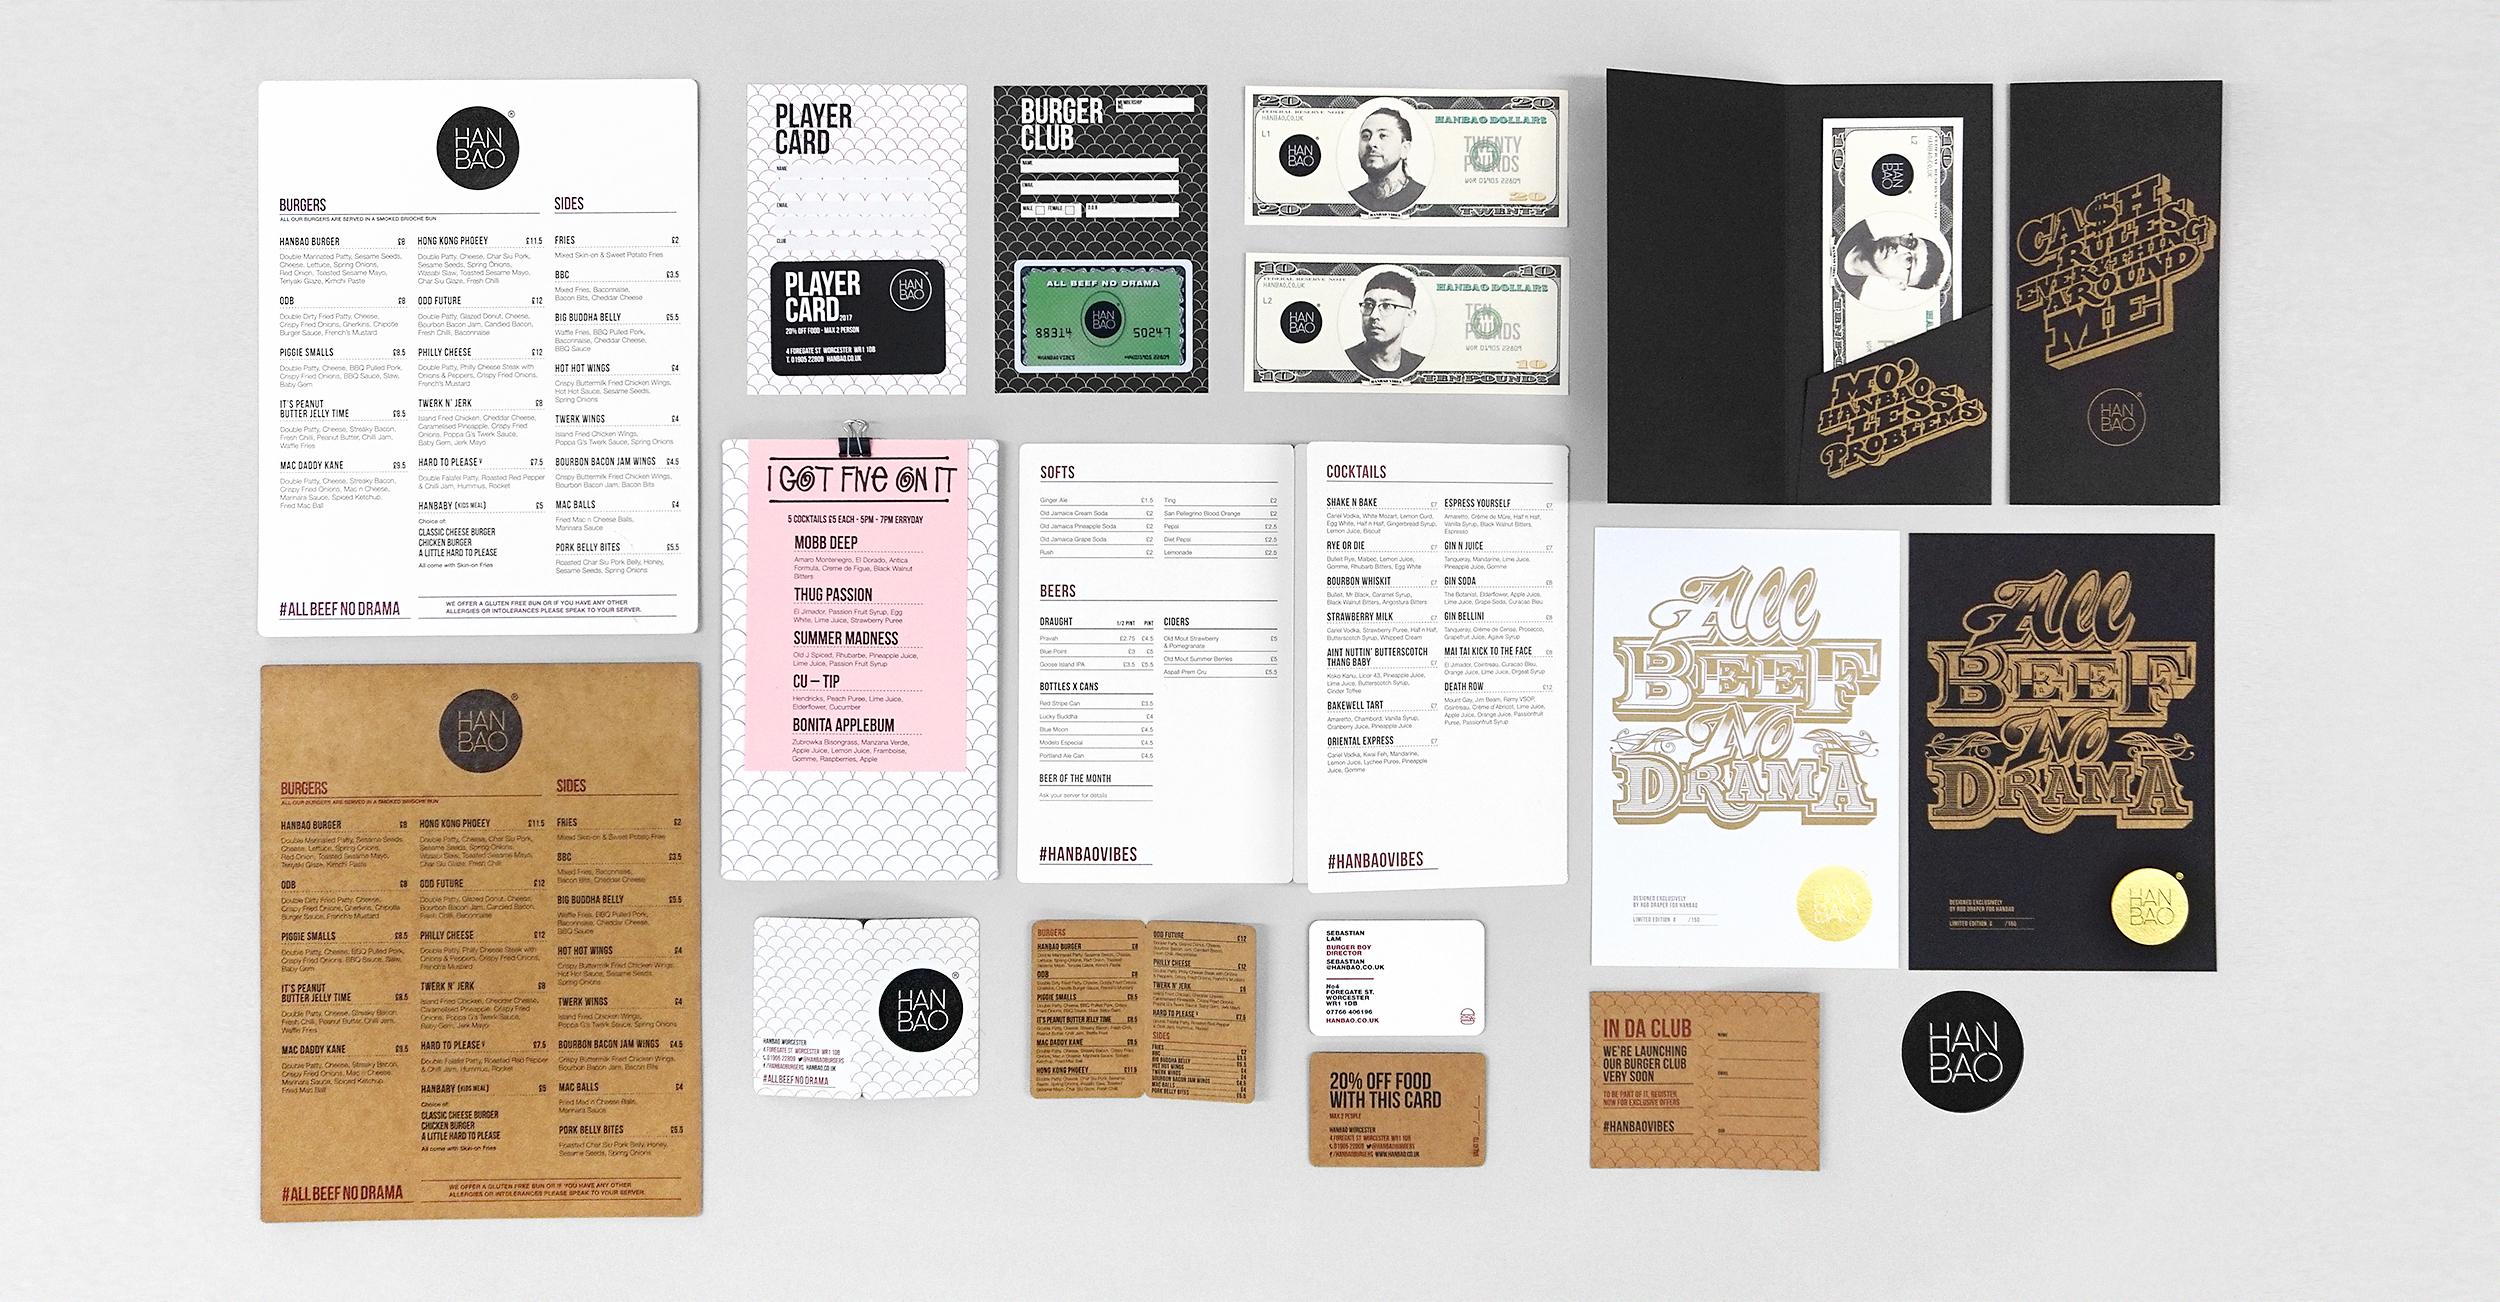 Hanbao Creative Assets - By DesignReligion